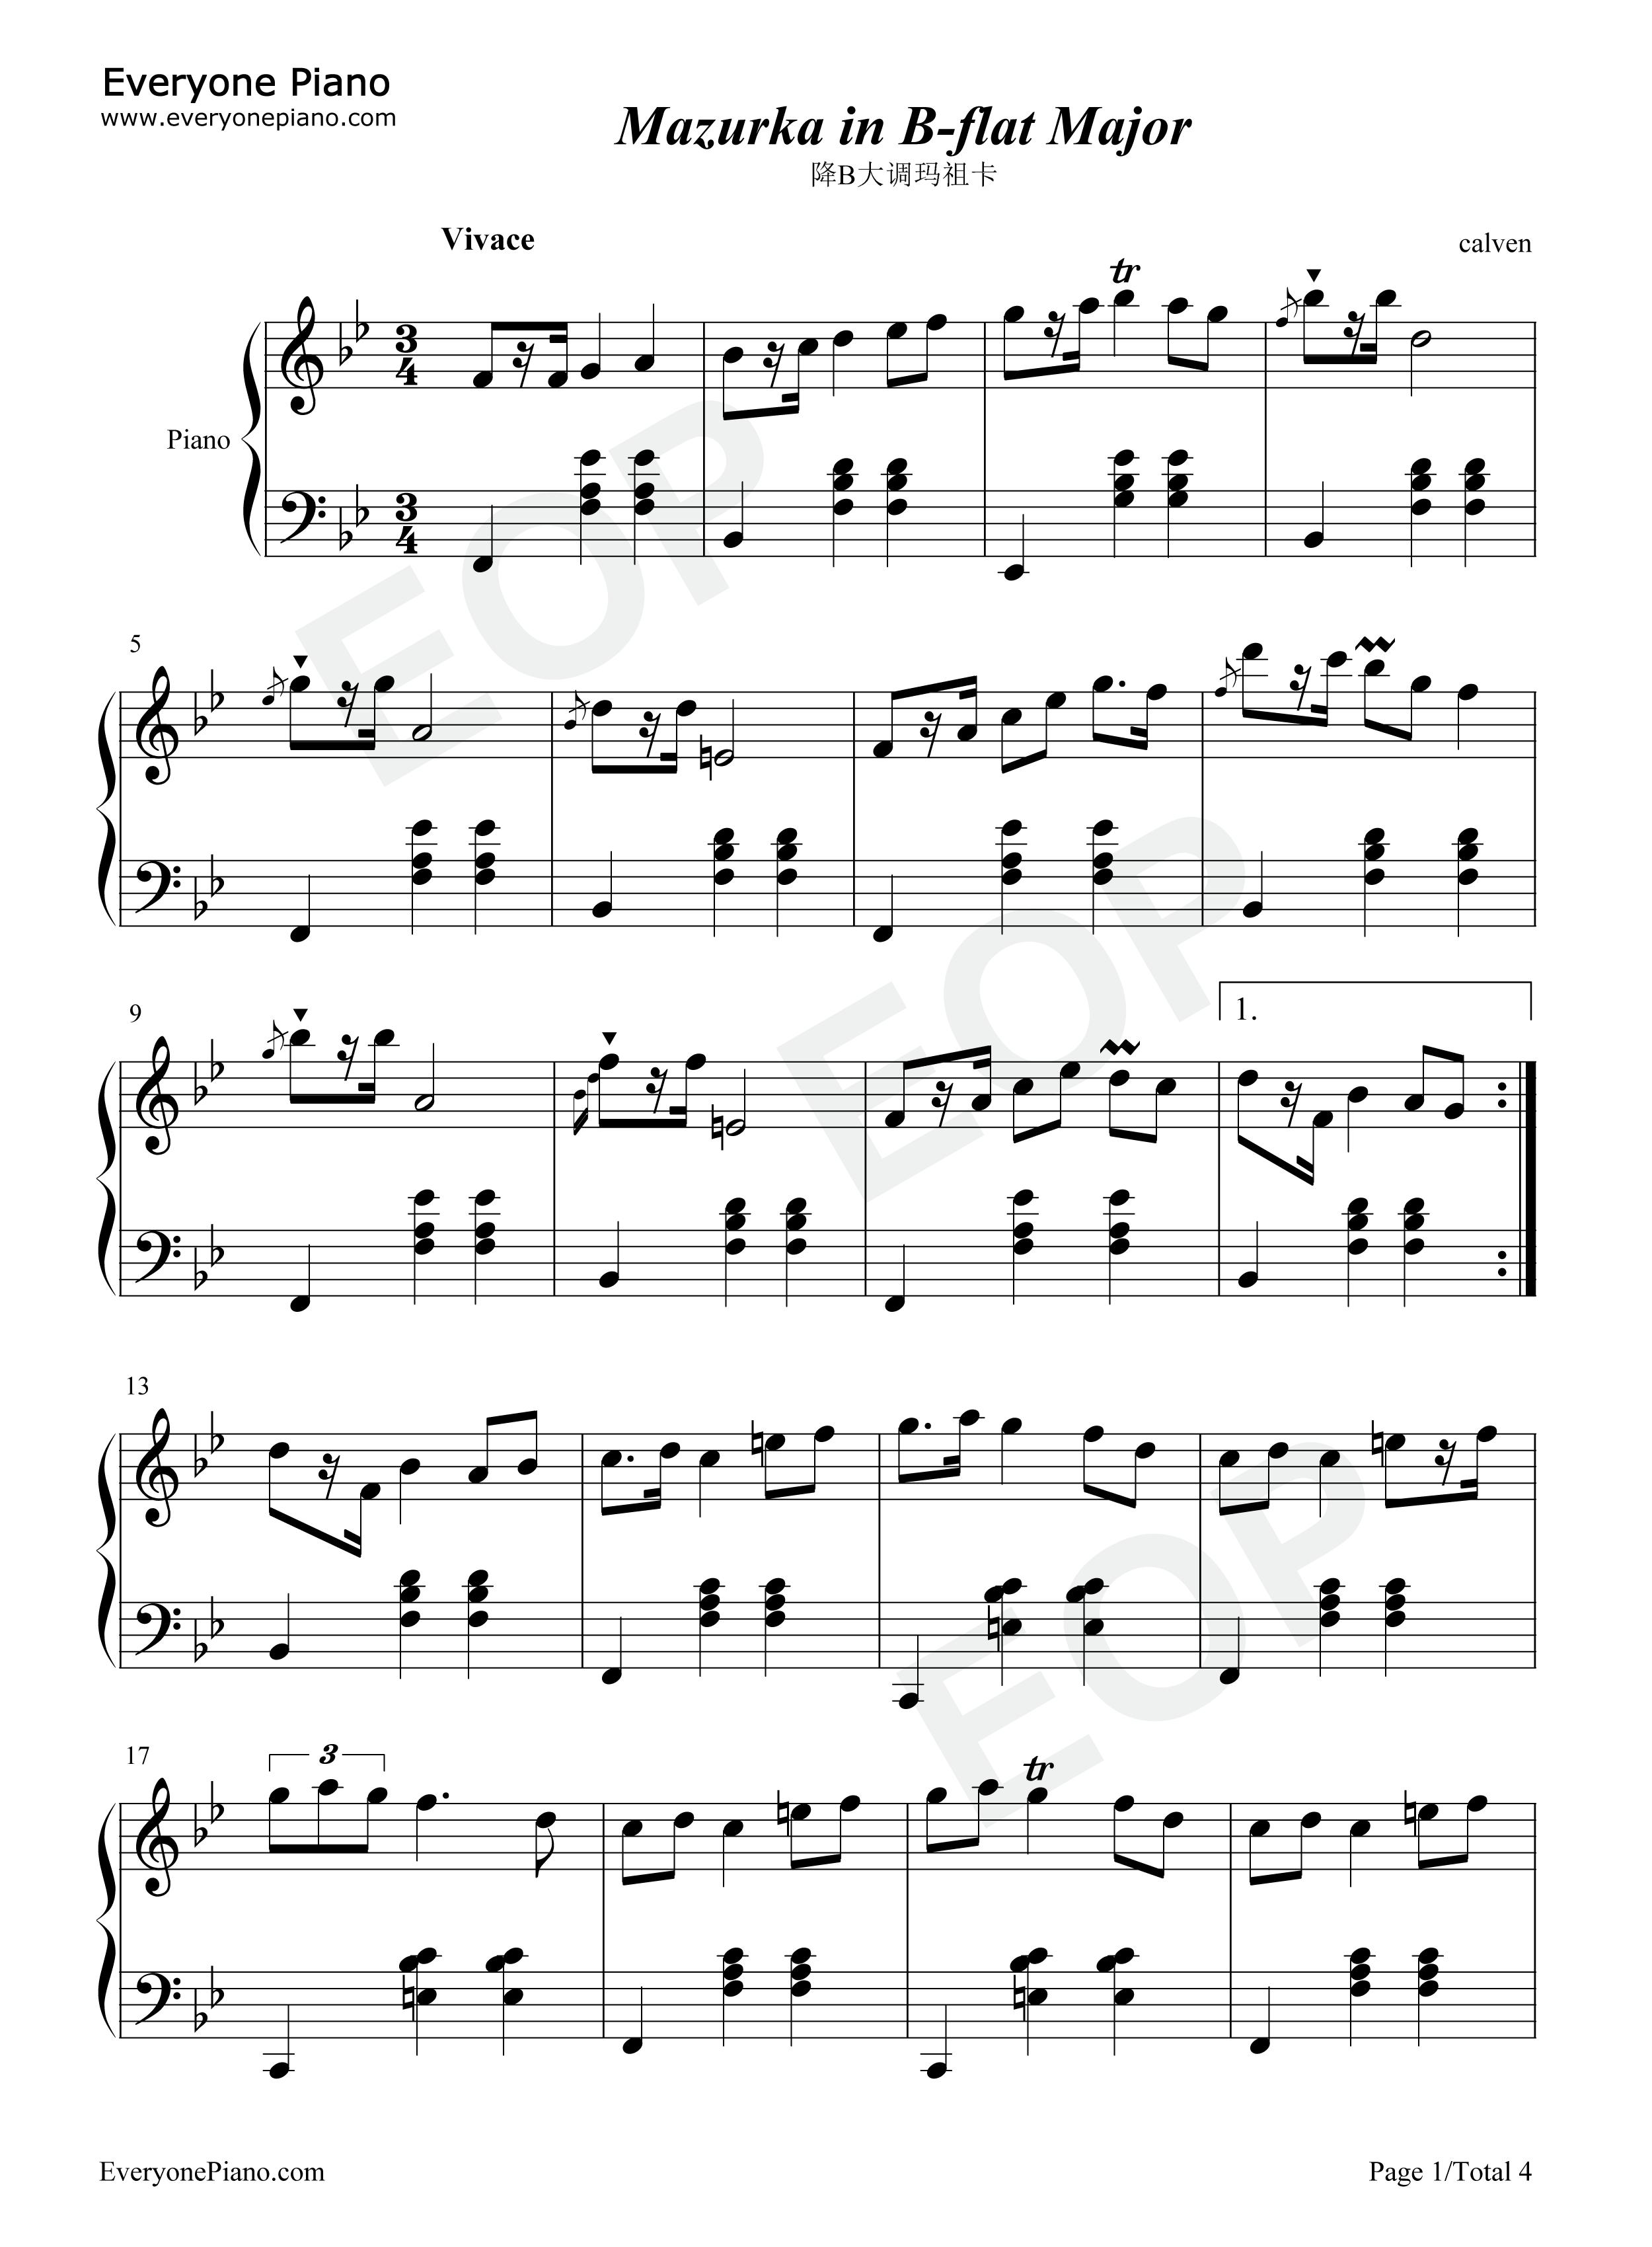 降b大调玛祖卡-肖邦五线谱预览1